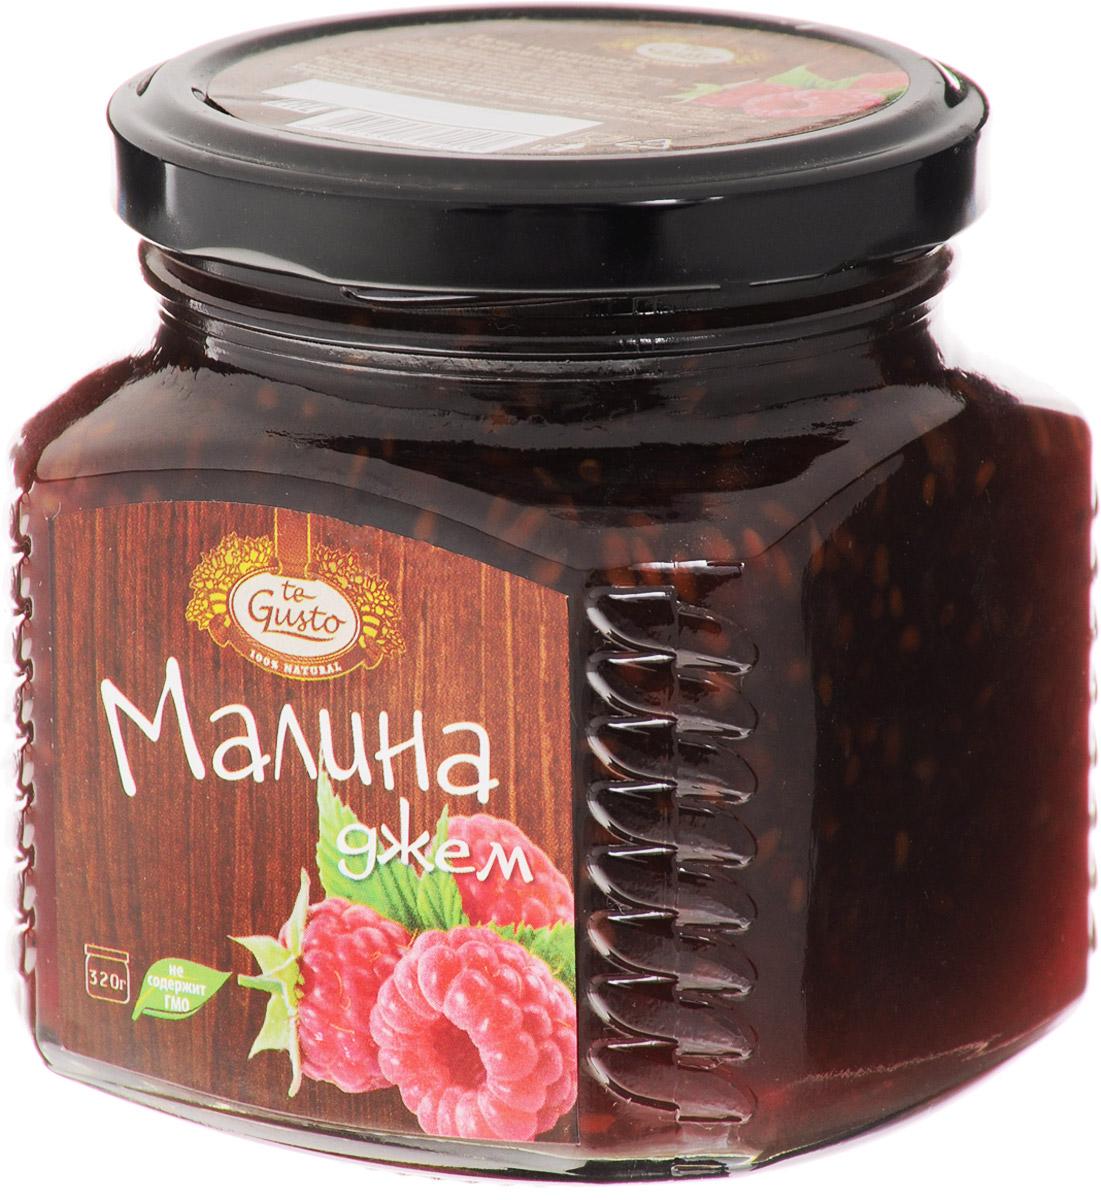 te Gusto Джем из малины, 320 г0120710Ароматный джем te Gusto сварен из малины, имеет желеобразную консистенцию с крупными кусочками фруктов. Для приготовления используются только свежие, тщательно отобранные плоды, созревшие в экологически чистых местах.Содержащиеся в малине вещества способствуют разжижению крови, препятствуя образованию тромбов. Благодаря высокому содержанию витамина С, малина становится незаменимым продуктом для повышения сил организма. Аромат и рубиновый оттенок повышают настроение, помогая побороть депрессию. Постоянное употребление малинового джема позволит вам укрепить сосуды.